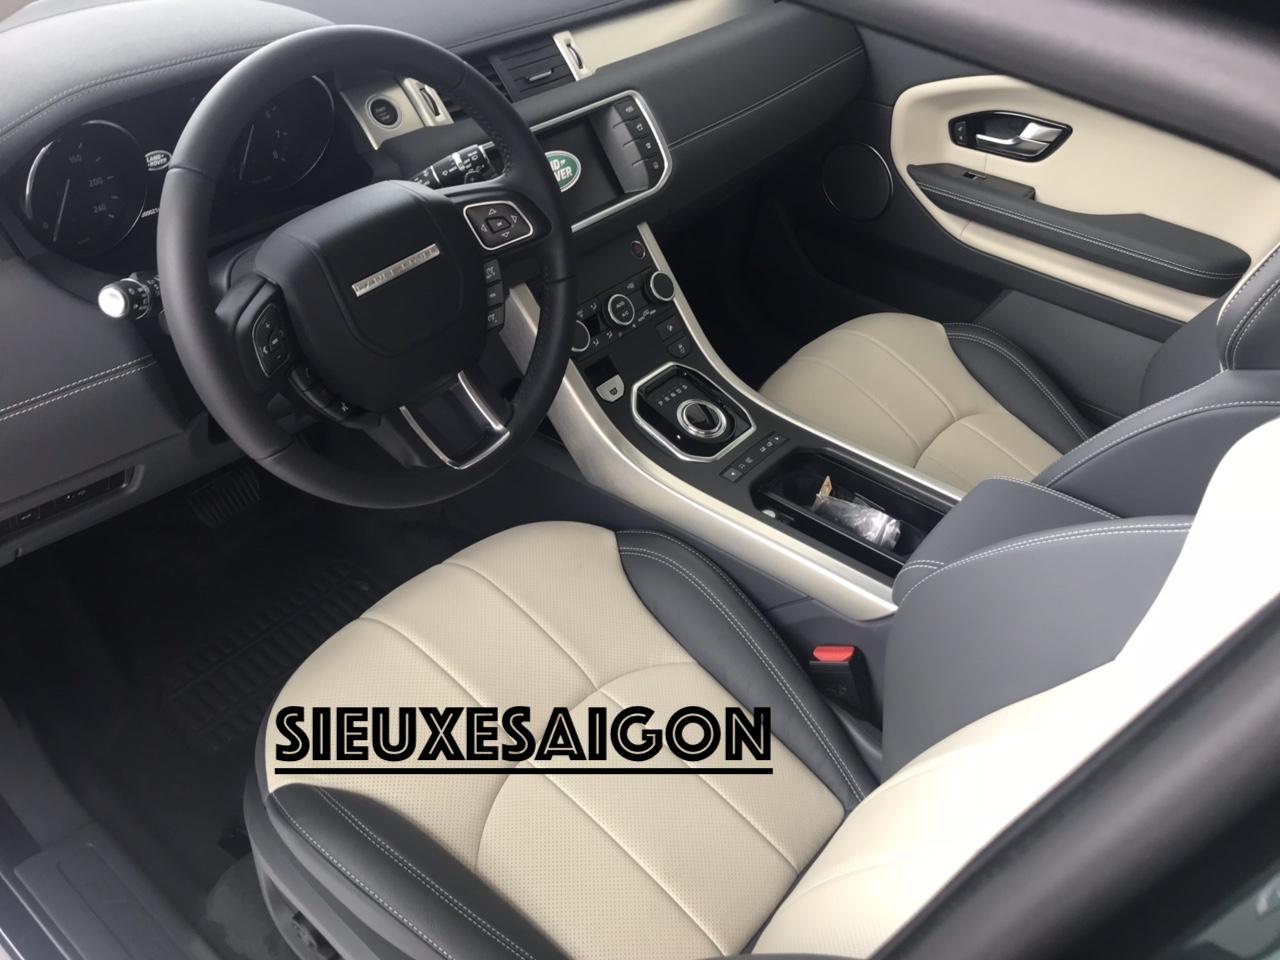 Giá Thấp Nhất Xe Range Rover Chiếc SUV Nhỏ Mang Tên Evoque Đời 2018-2019, Evoque HSE, Evoque SE Plus 2020, Xe 5 Chỗ Màu Xanh Rêu Aintree Green,